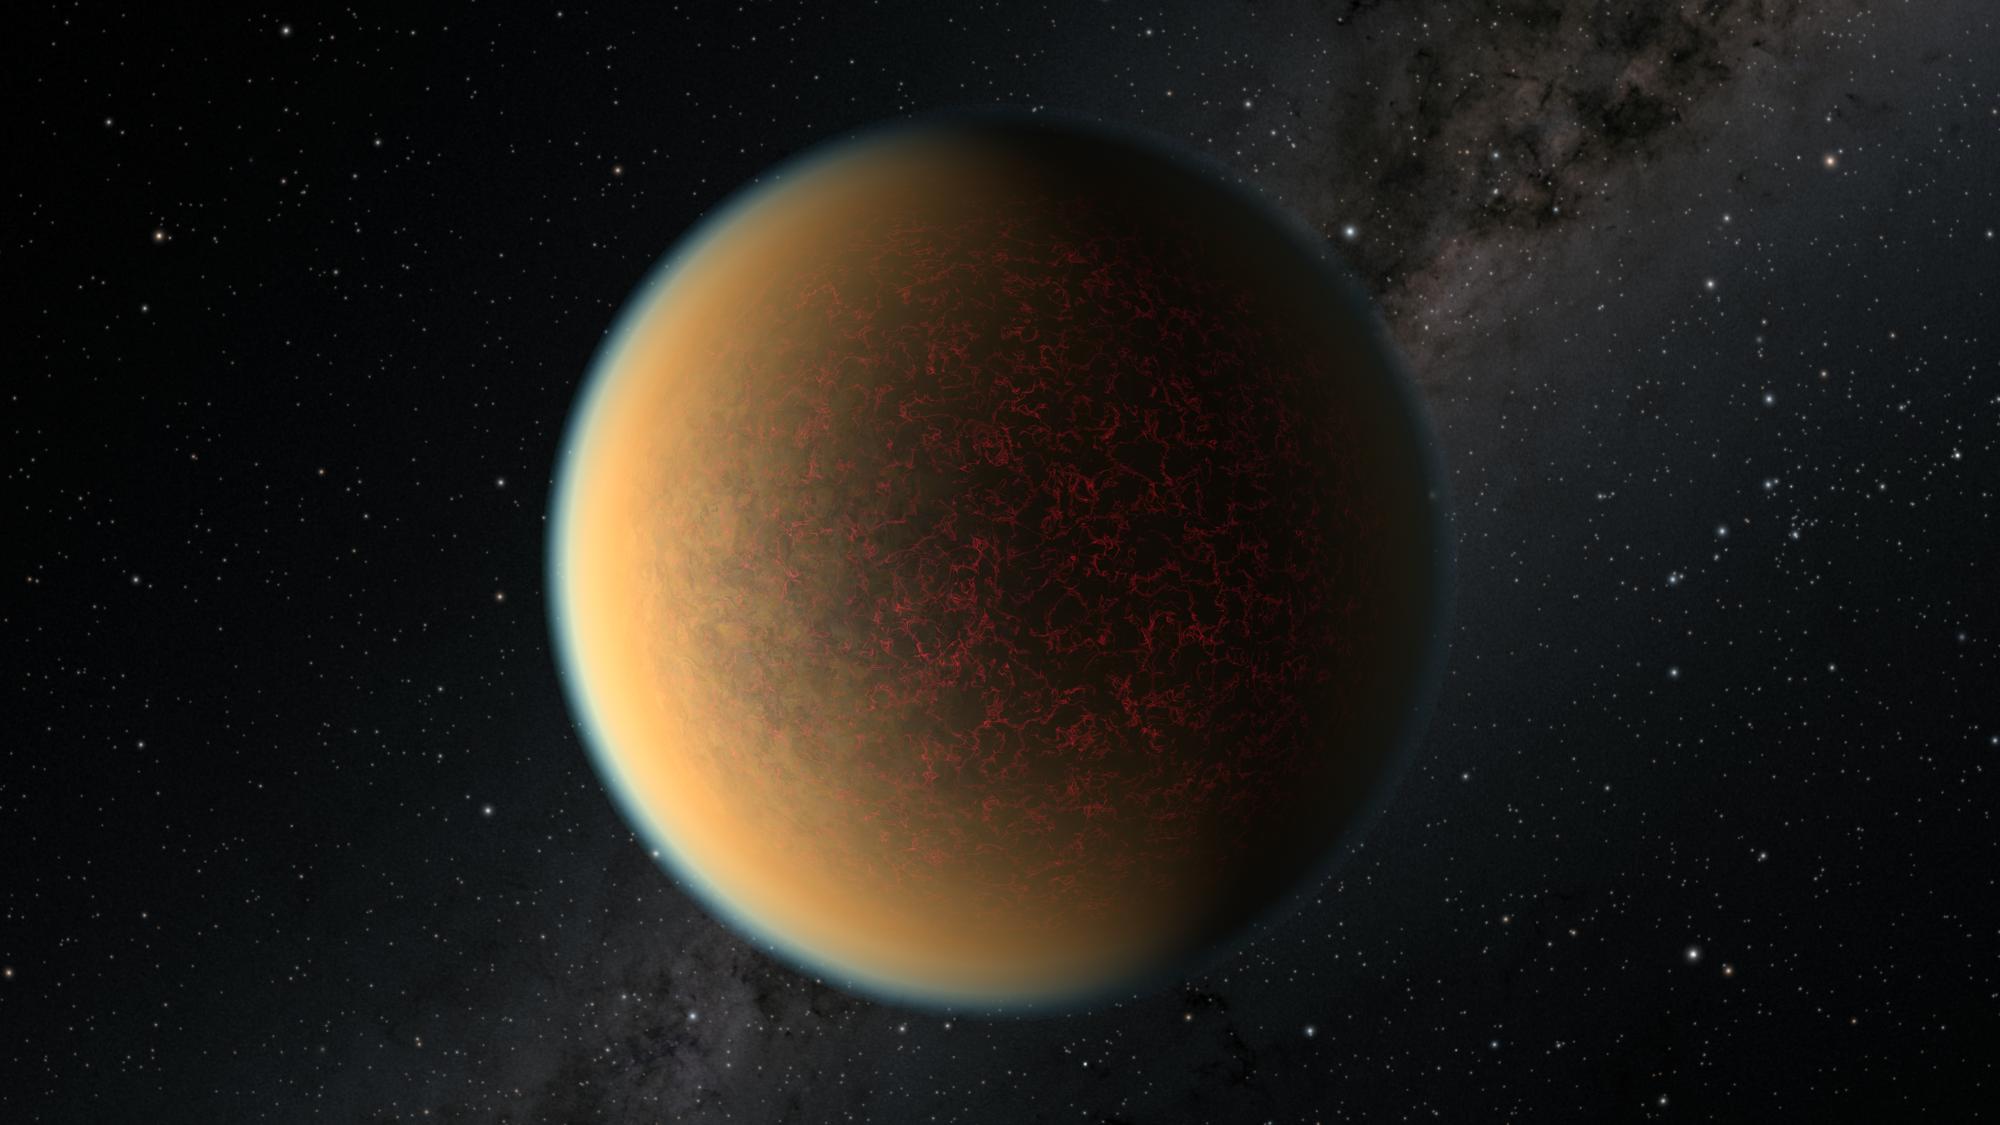 Représentation d'un artiste de l'exoplanète GJ 1132 b, qui tourne autour d'une étoile naine rouge à environ 41 années-lumière de la Terre et peut contenir de la lave suintant continuellement des fissures de sa croûte.